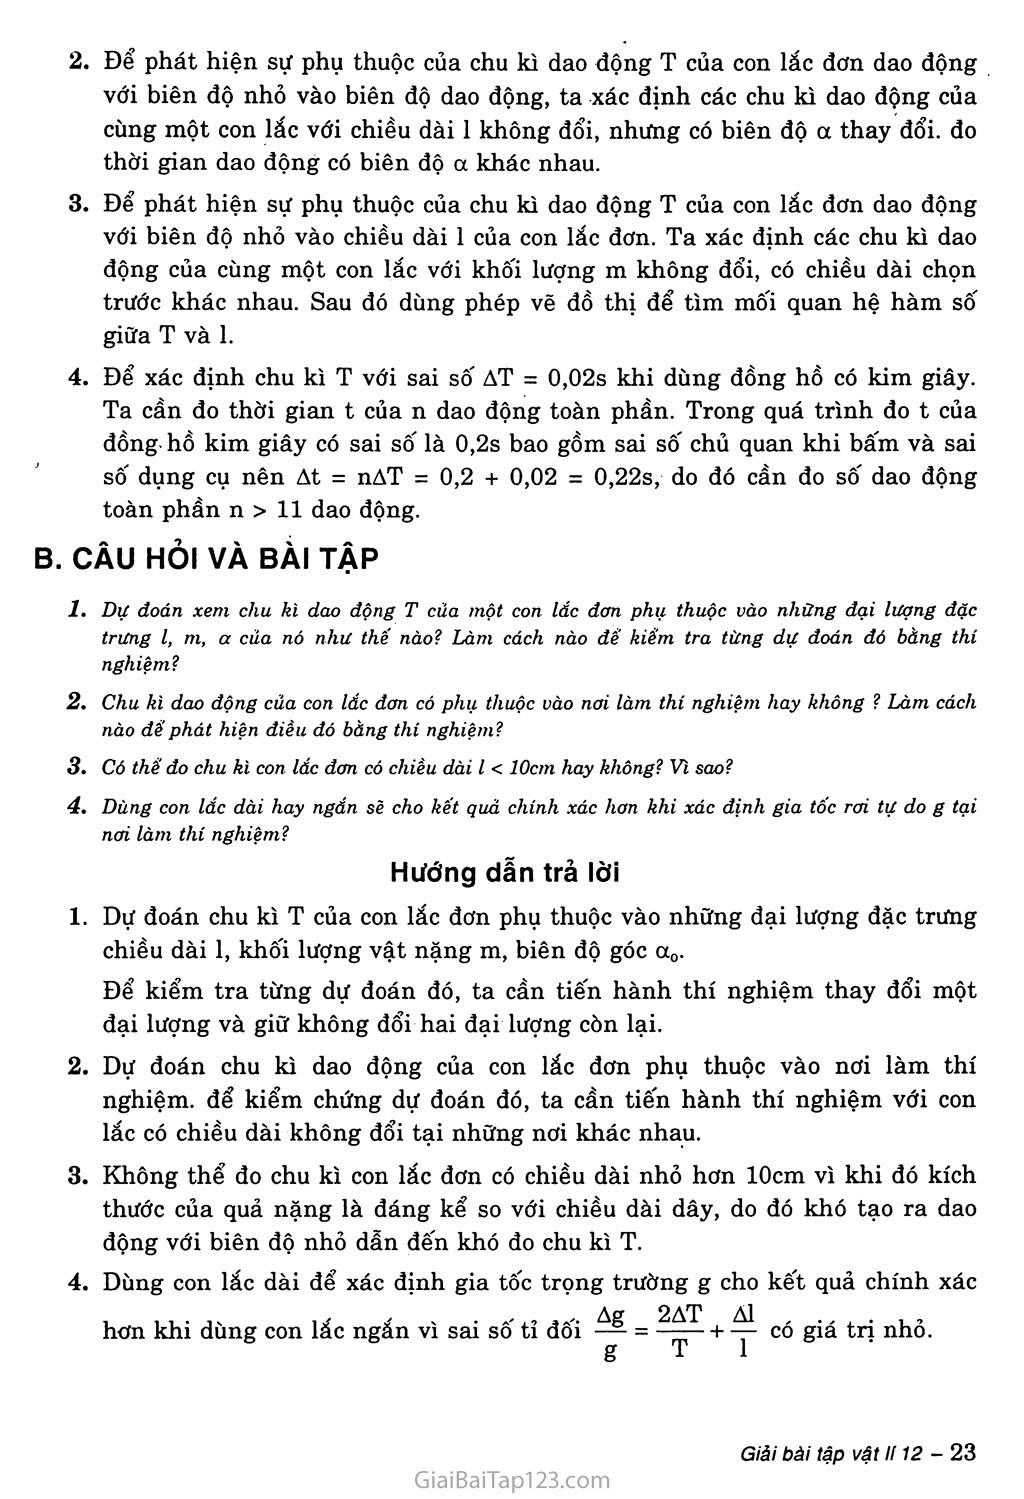 Bài 6: Thực hành: Khảo sát thực nghiệm các định luật dao động của con lắc đơn trang 2